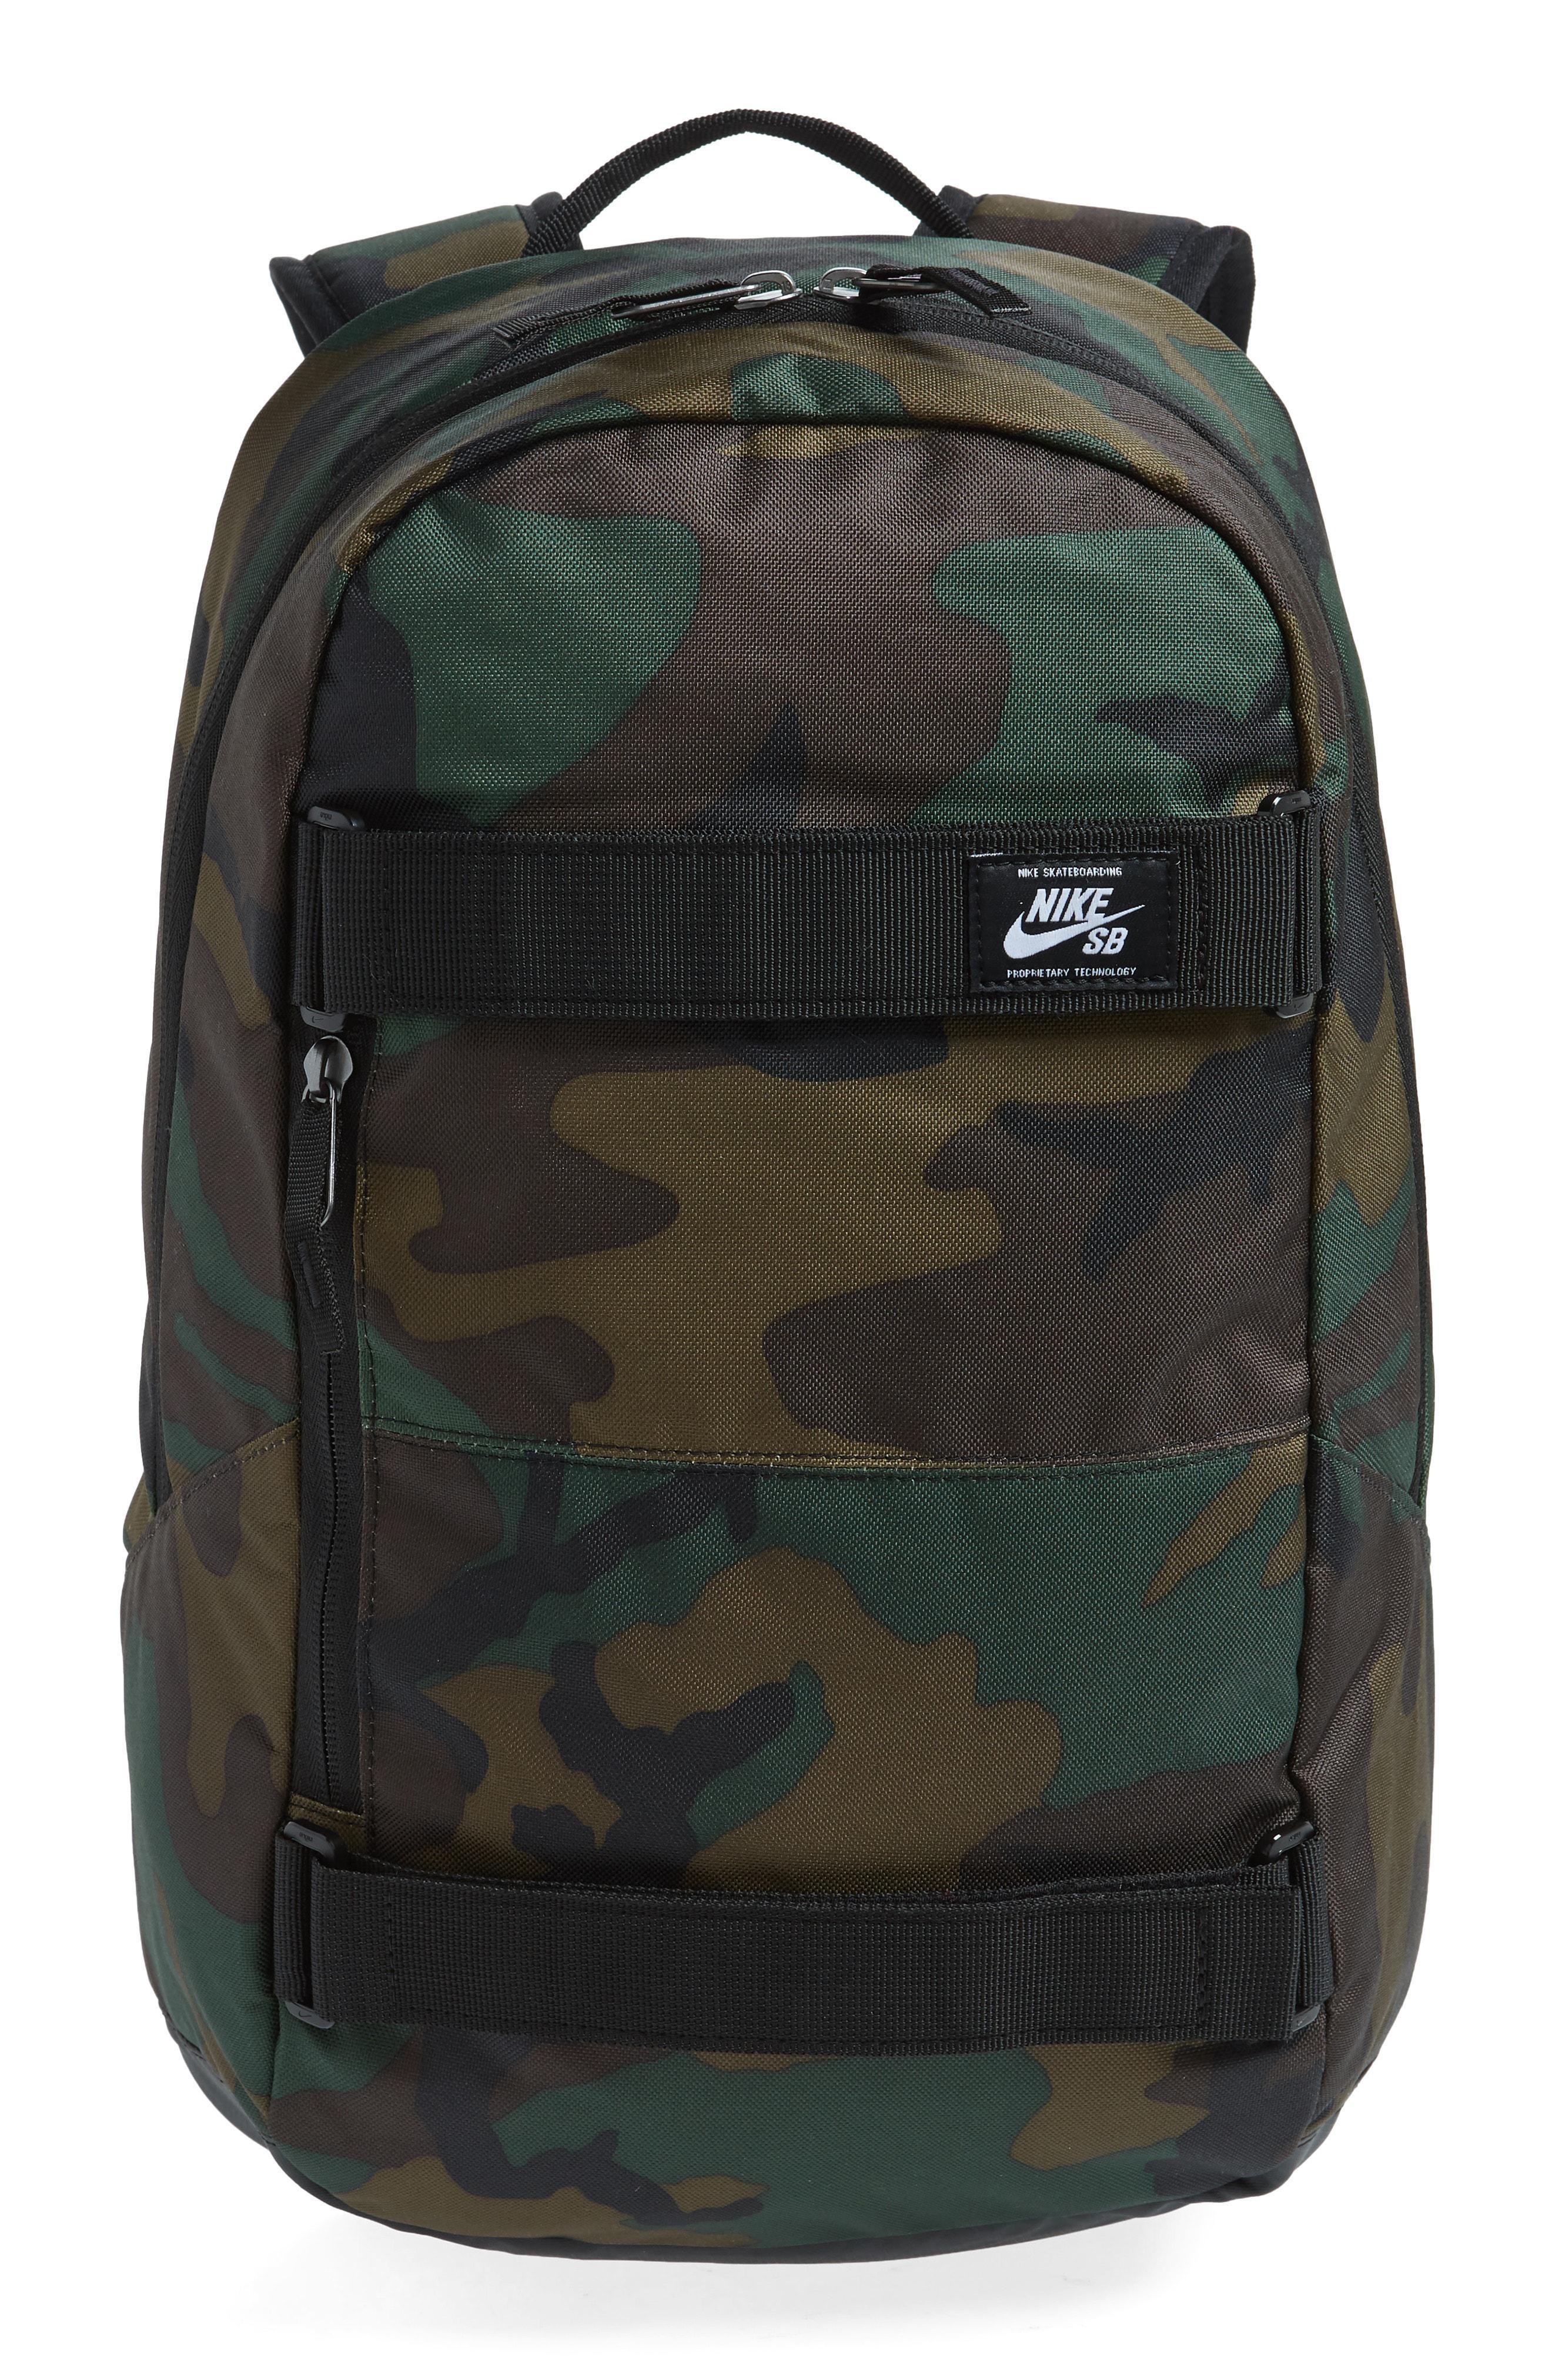 Nike - Black Courthouse Backpack for Men - Lyst. View fullscreen 8cd128fb40